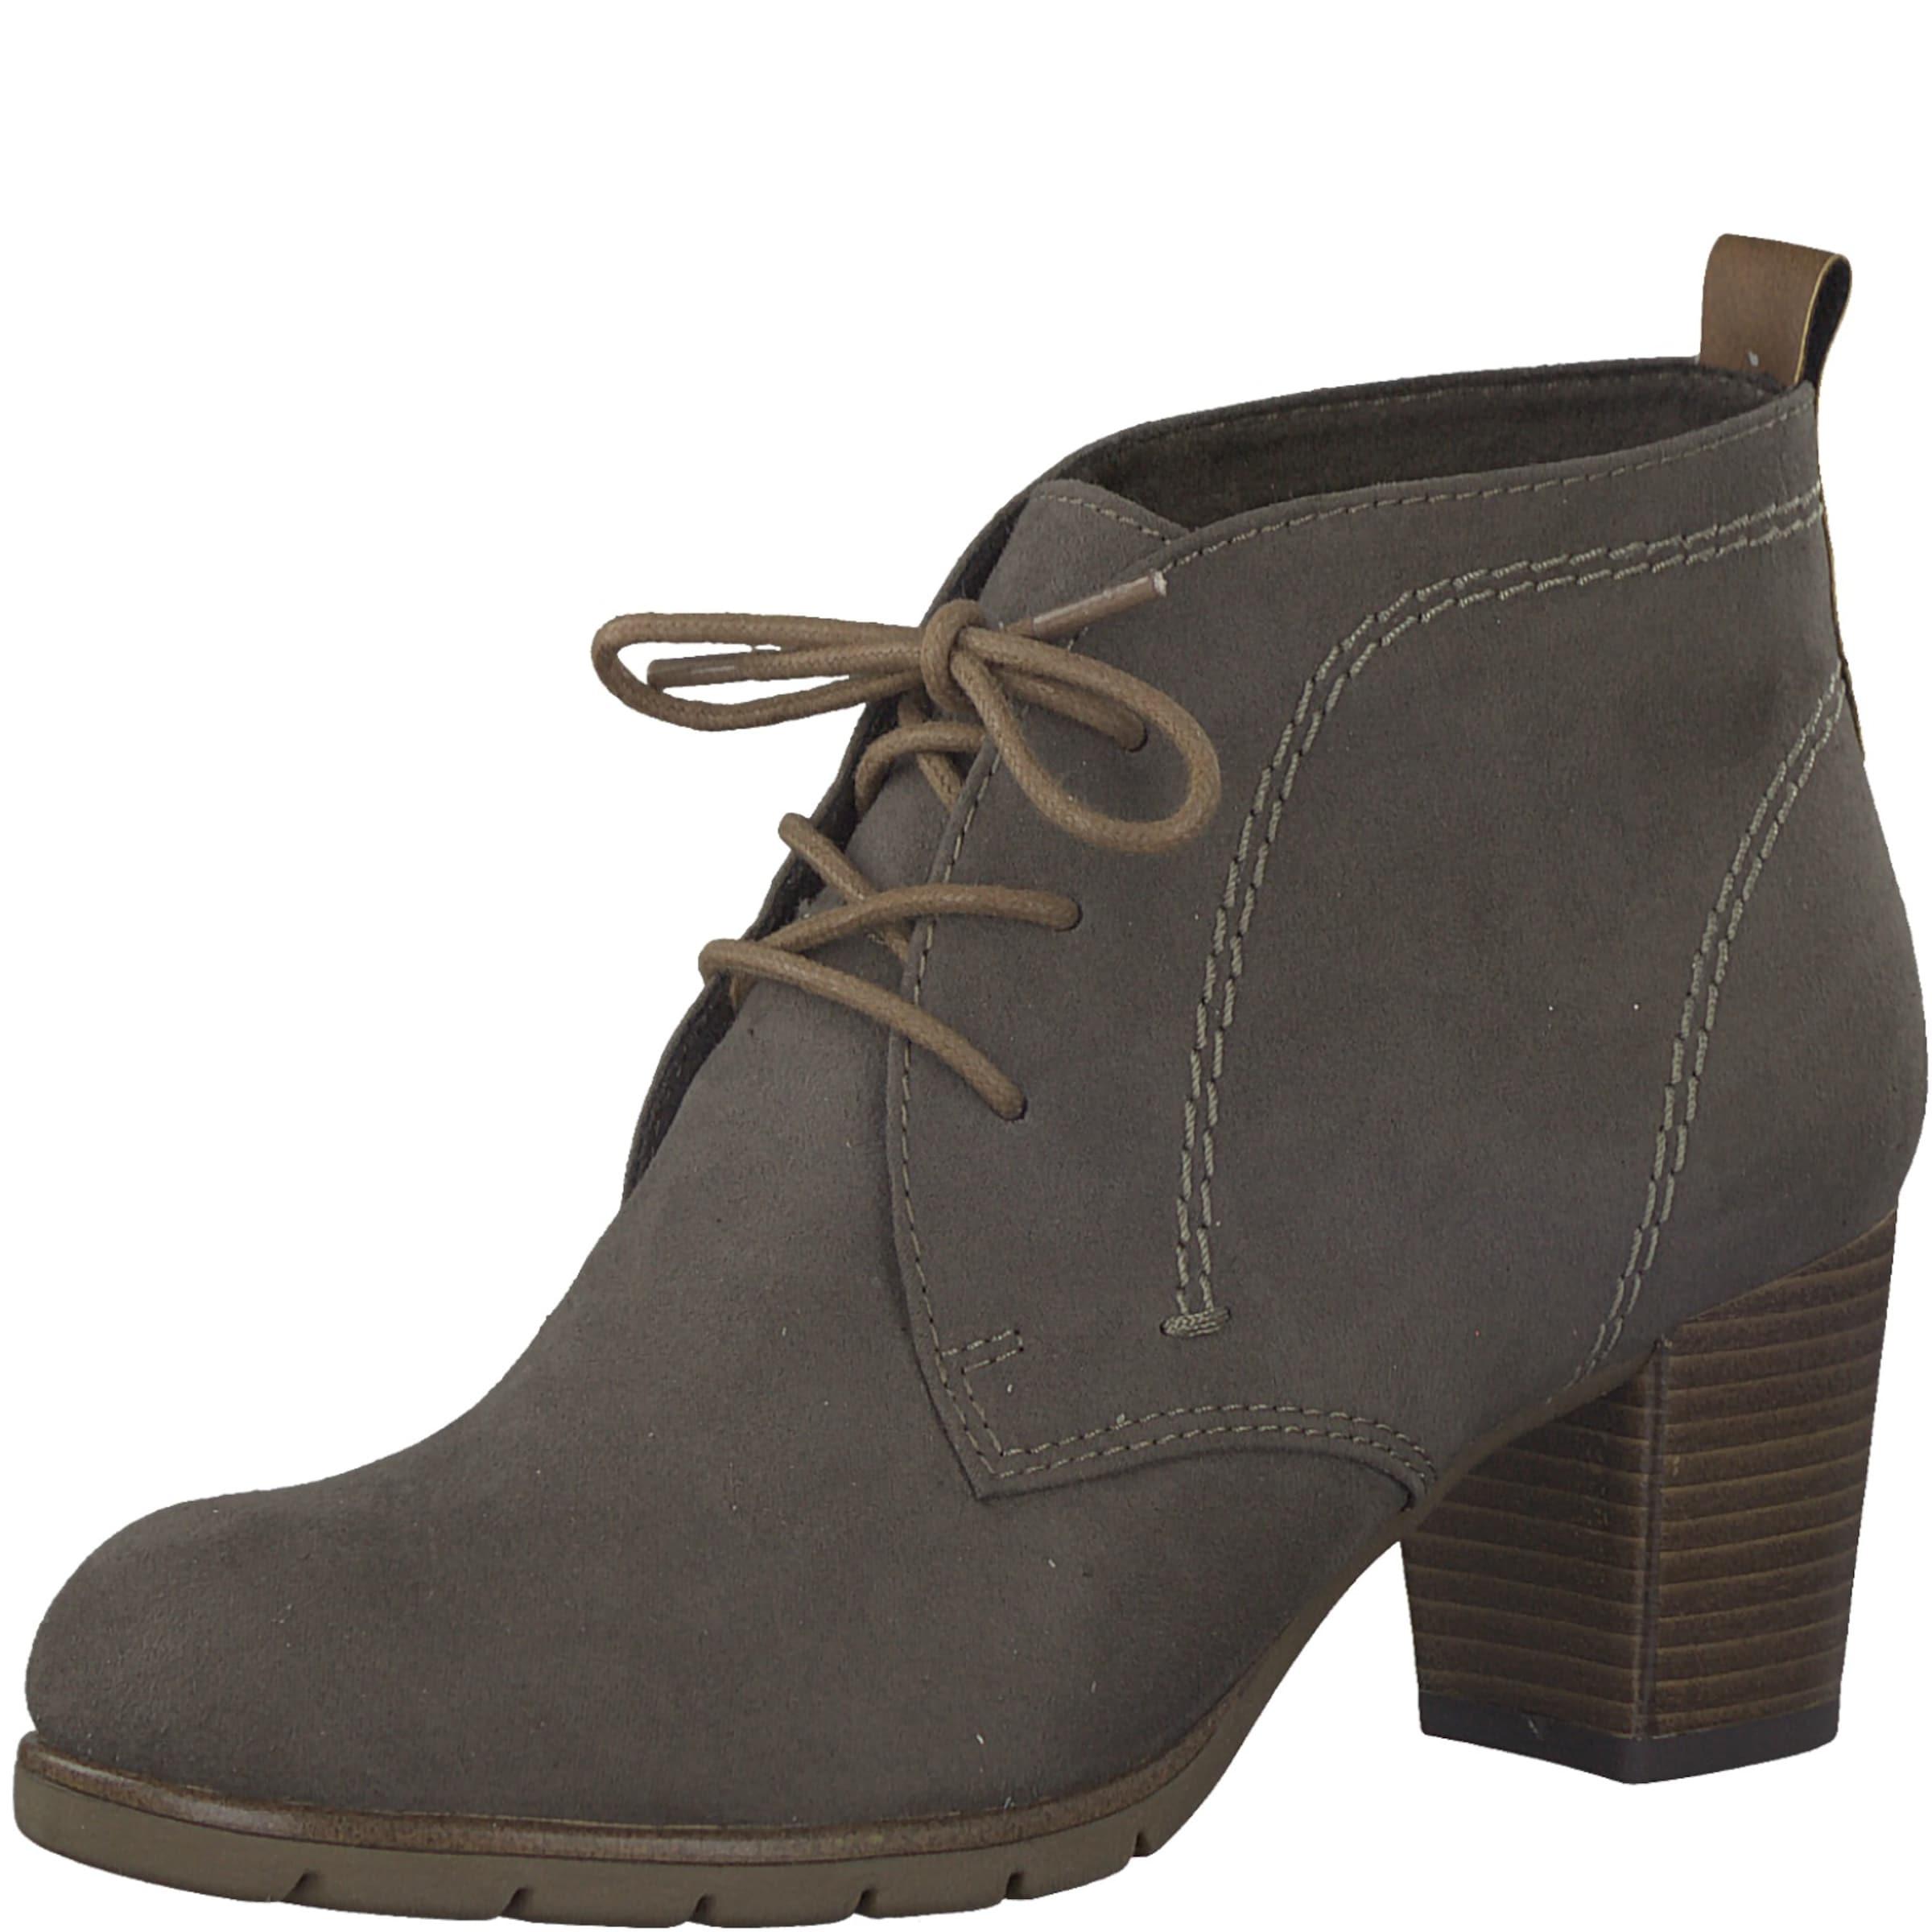 MARCO TOZZI | 'Schnürer mit Absatz' und und und runder Kappe Schuhe Gut getragene Schuhe ead92d